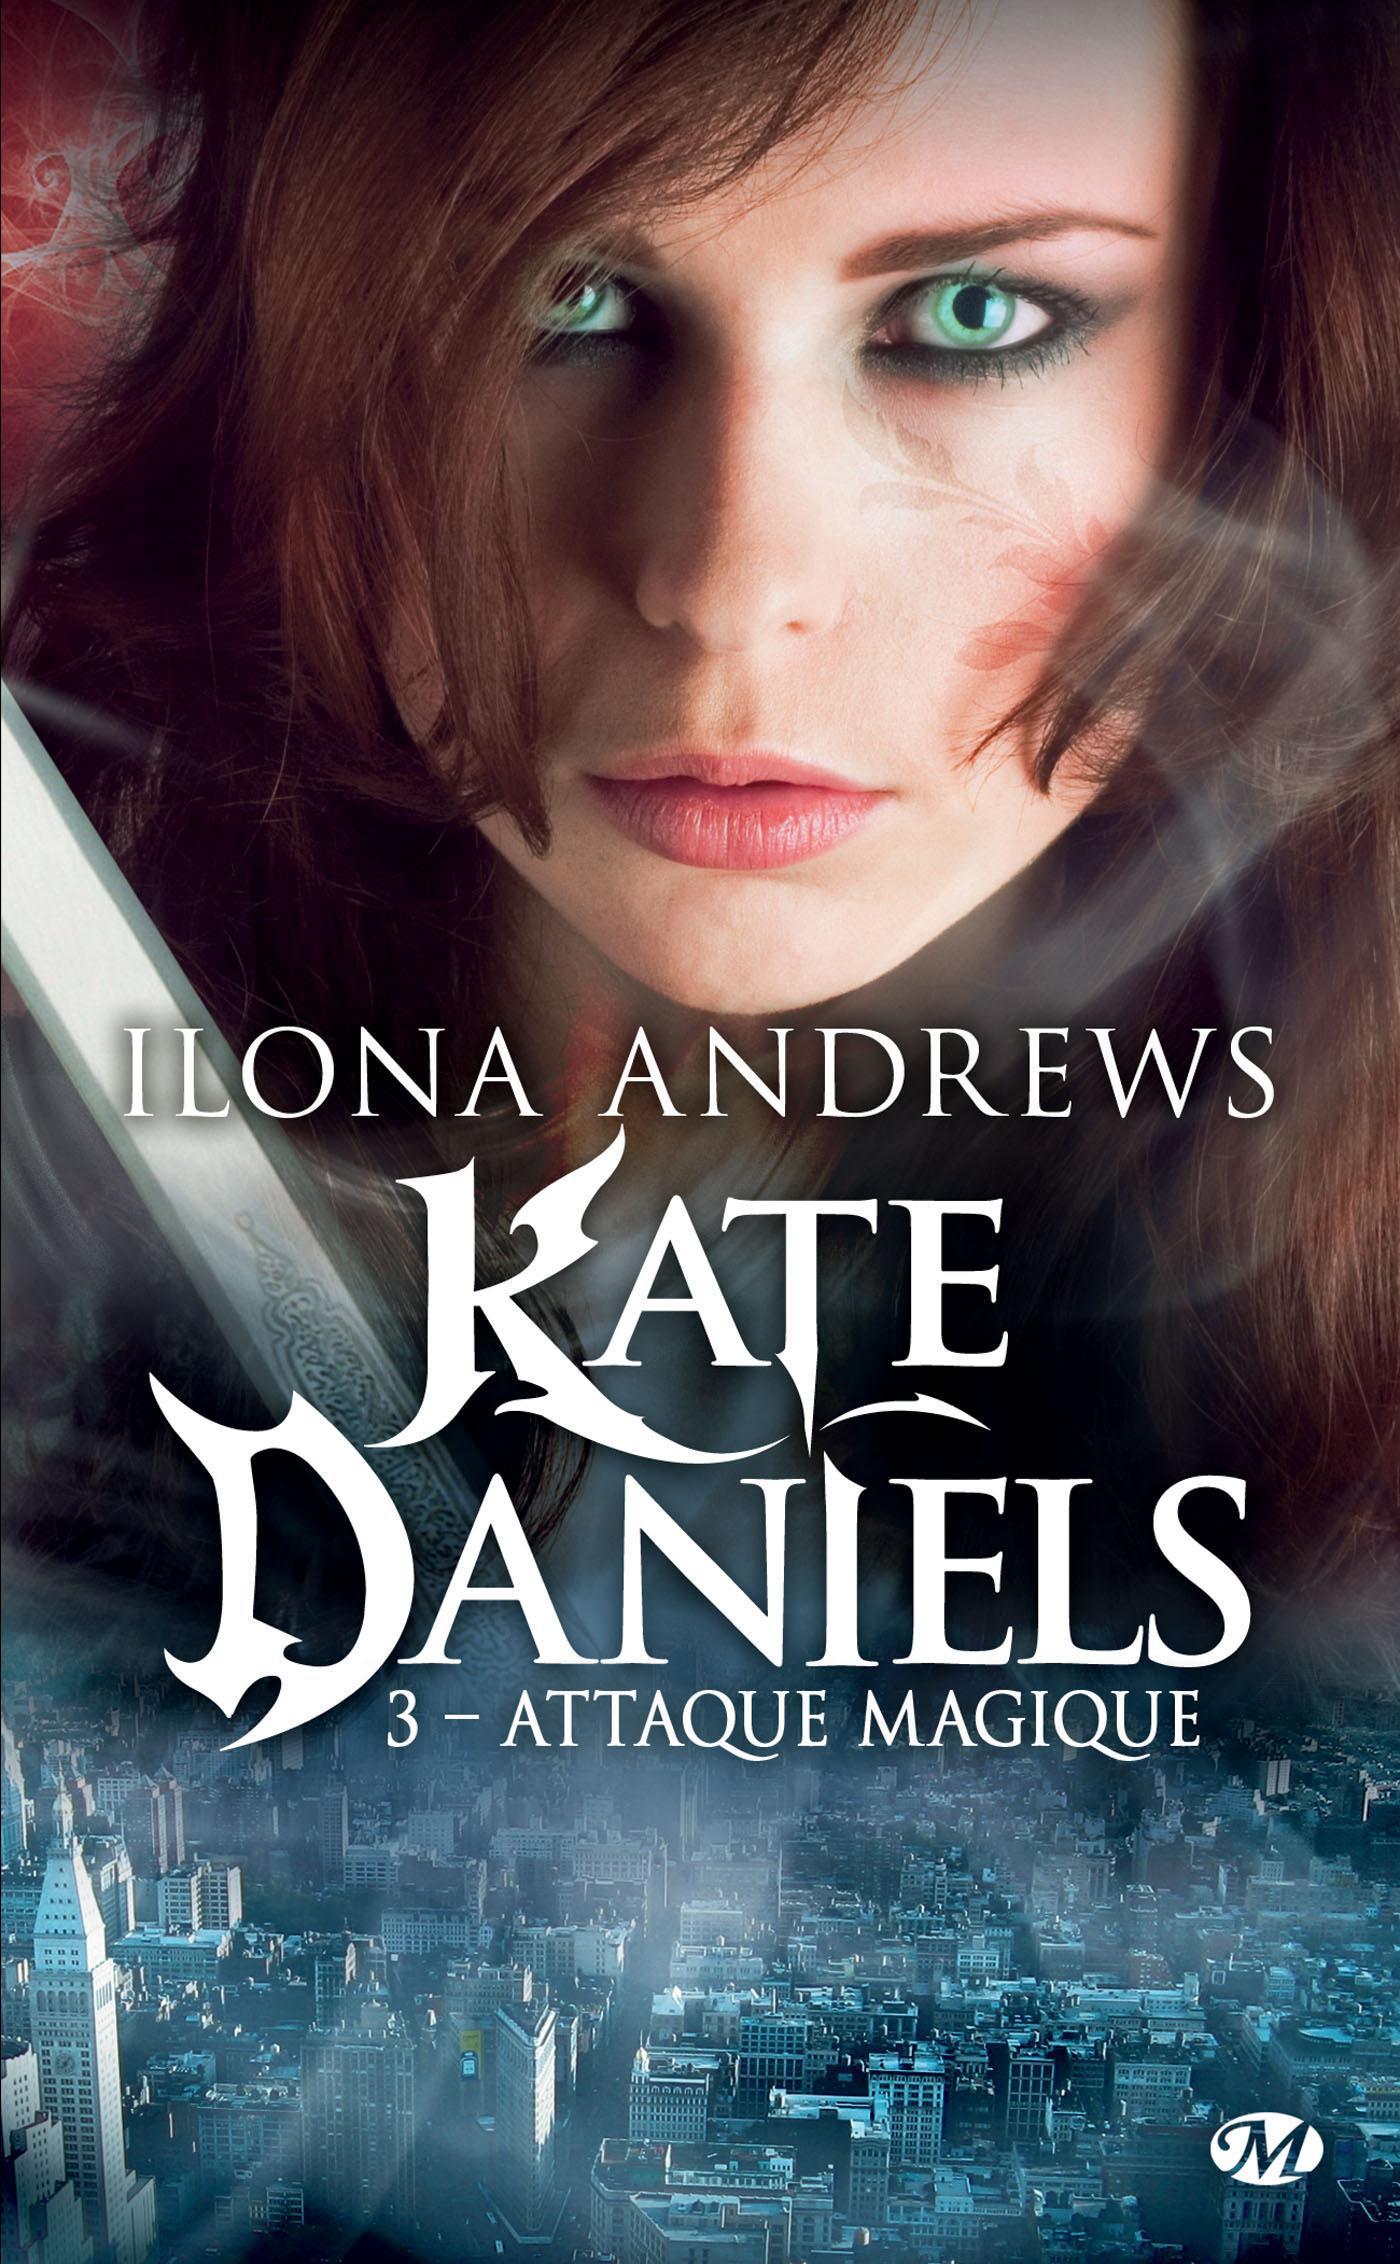 Attaque magique, KATE DANIELS, T3